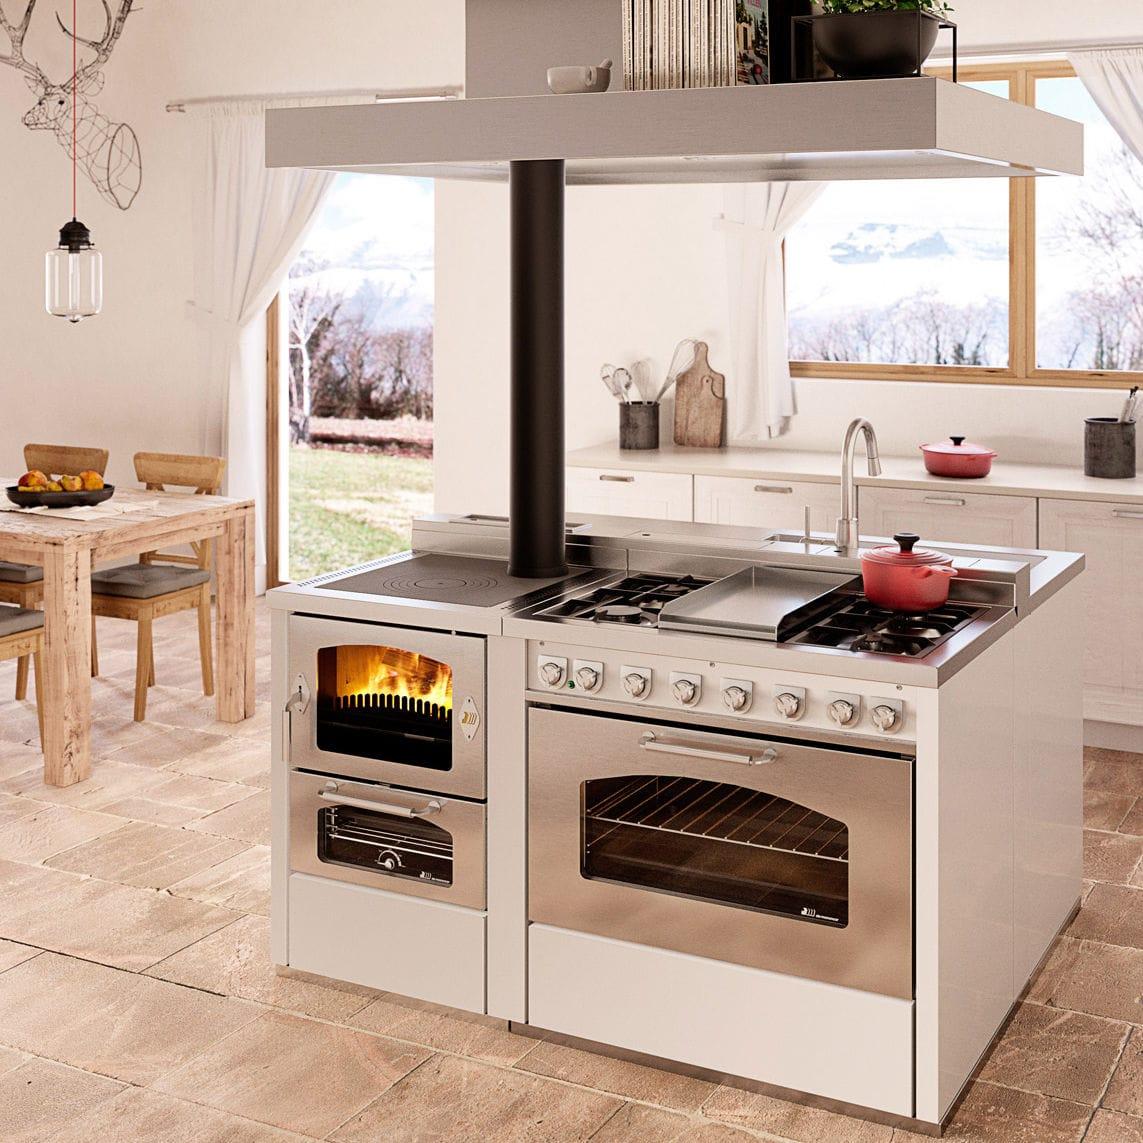 Blocco cucina a legna / con cappa integrata - Combinata DOMINO D6+ ...